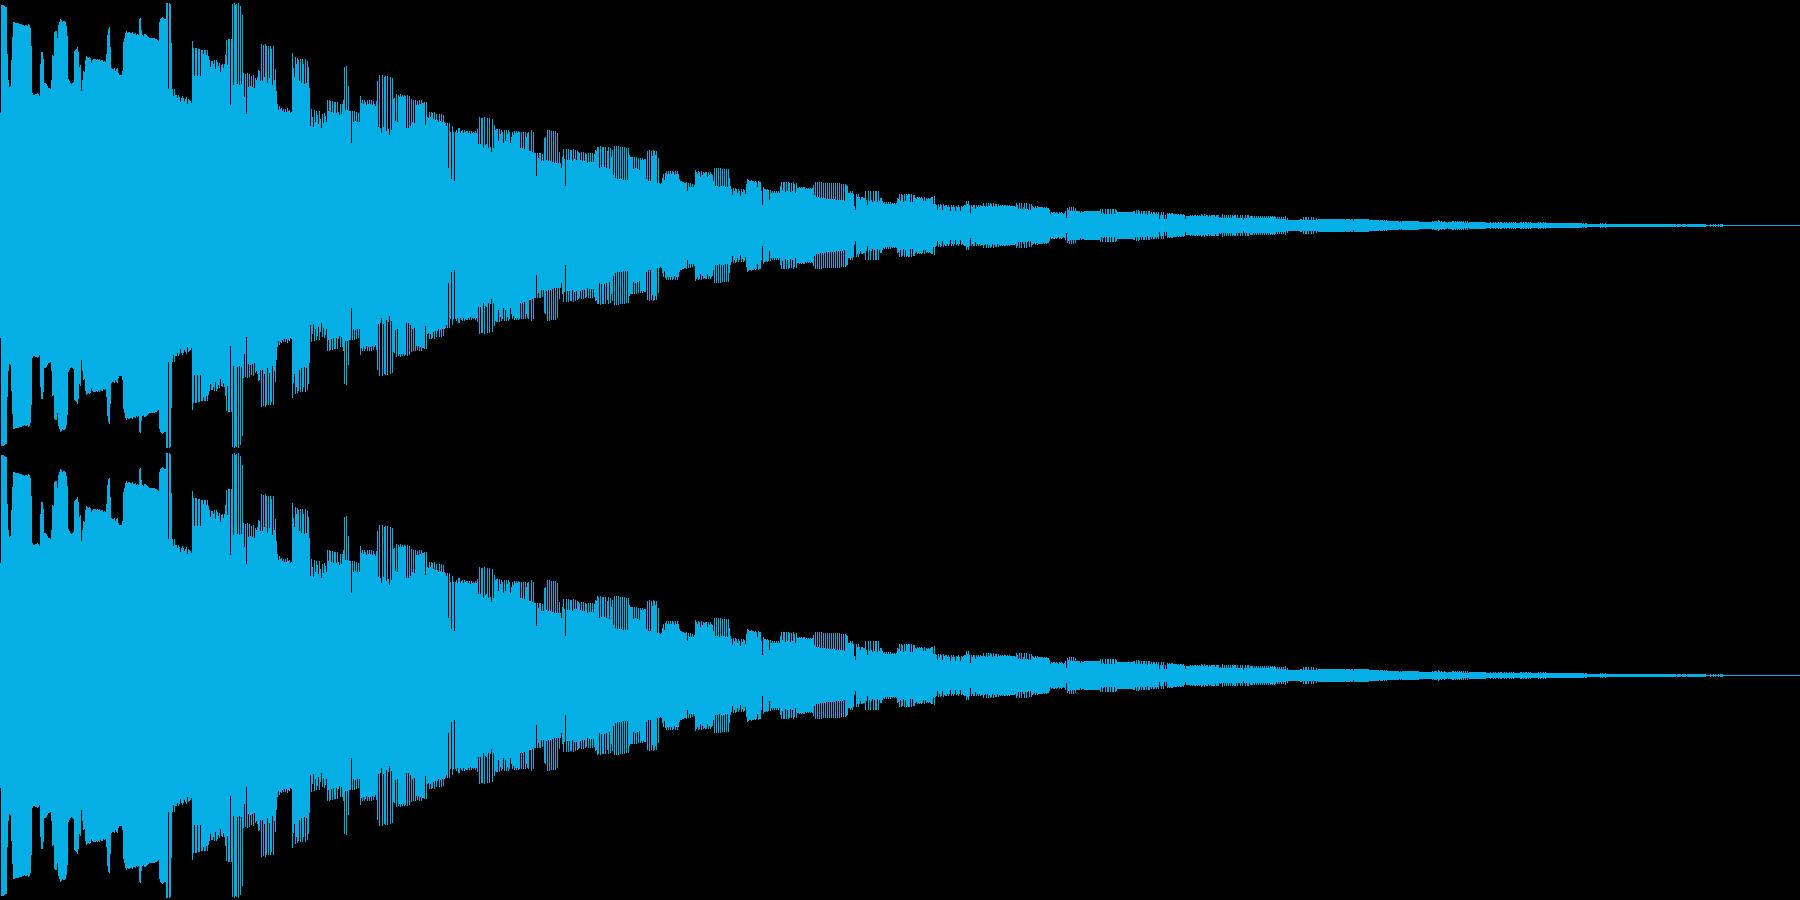 8ビット風ゲームのやられた時の再生済みの波形